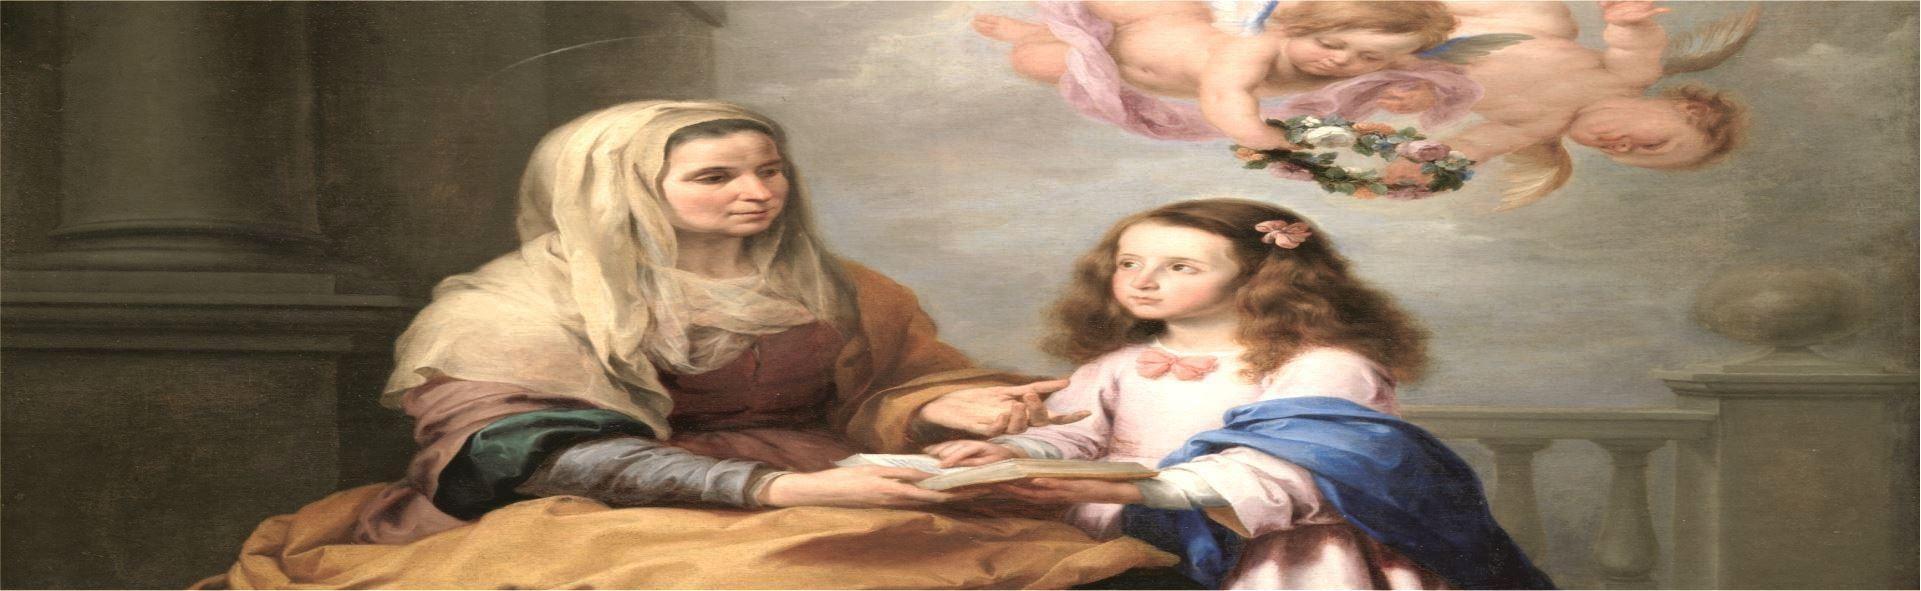 Canti ed Inni a Sant'Anna